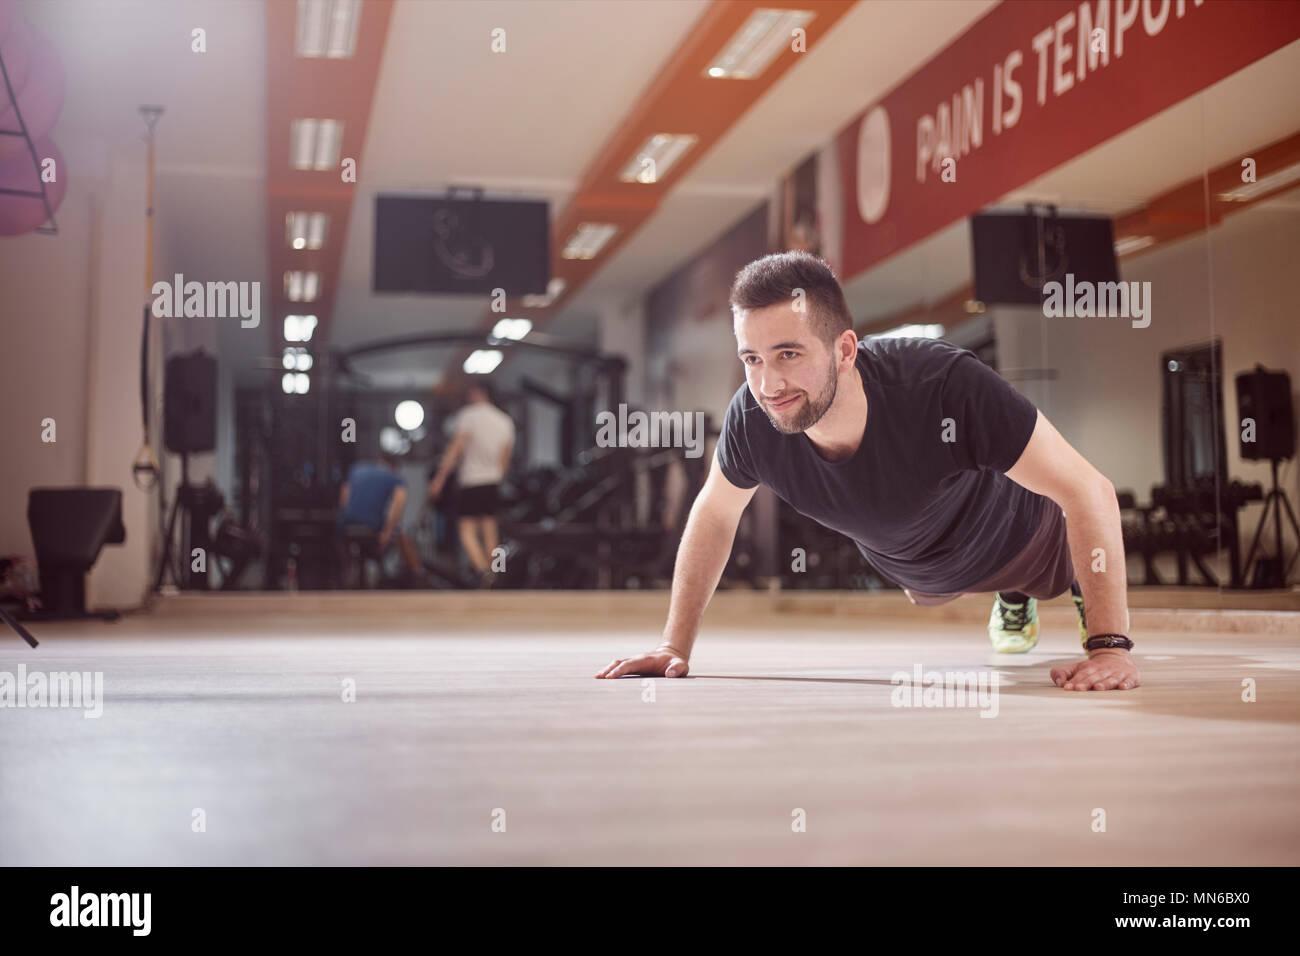 Un giovane uomo, push-up esercizio, palestra pavimento, irriconoscibile persone dietro (al di fuori della messa a fuoco). Immagini Stock